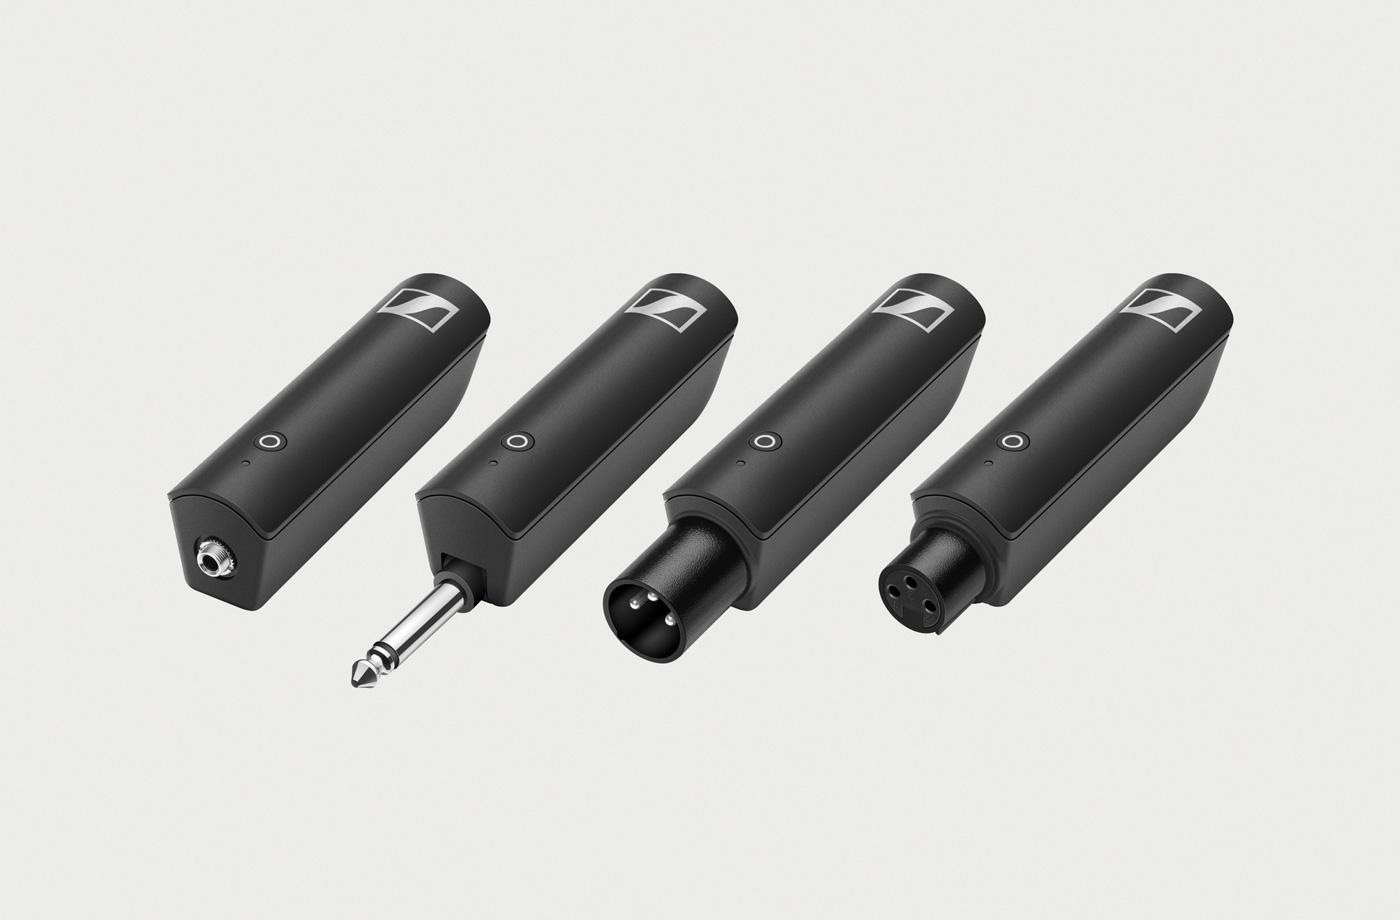 xs wireless produktdesign von tale designstudio basel